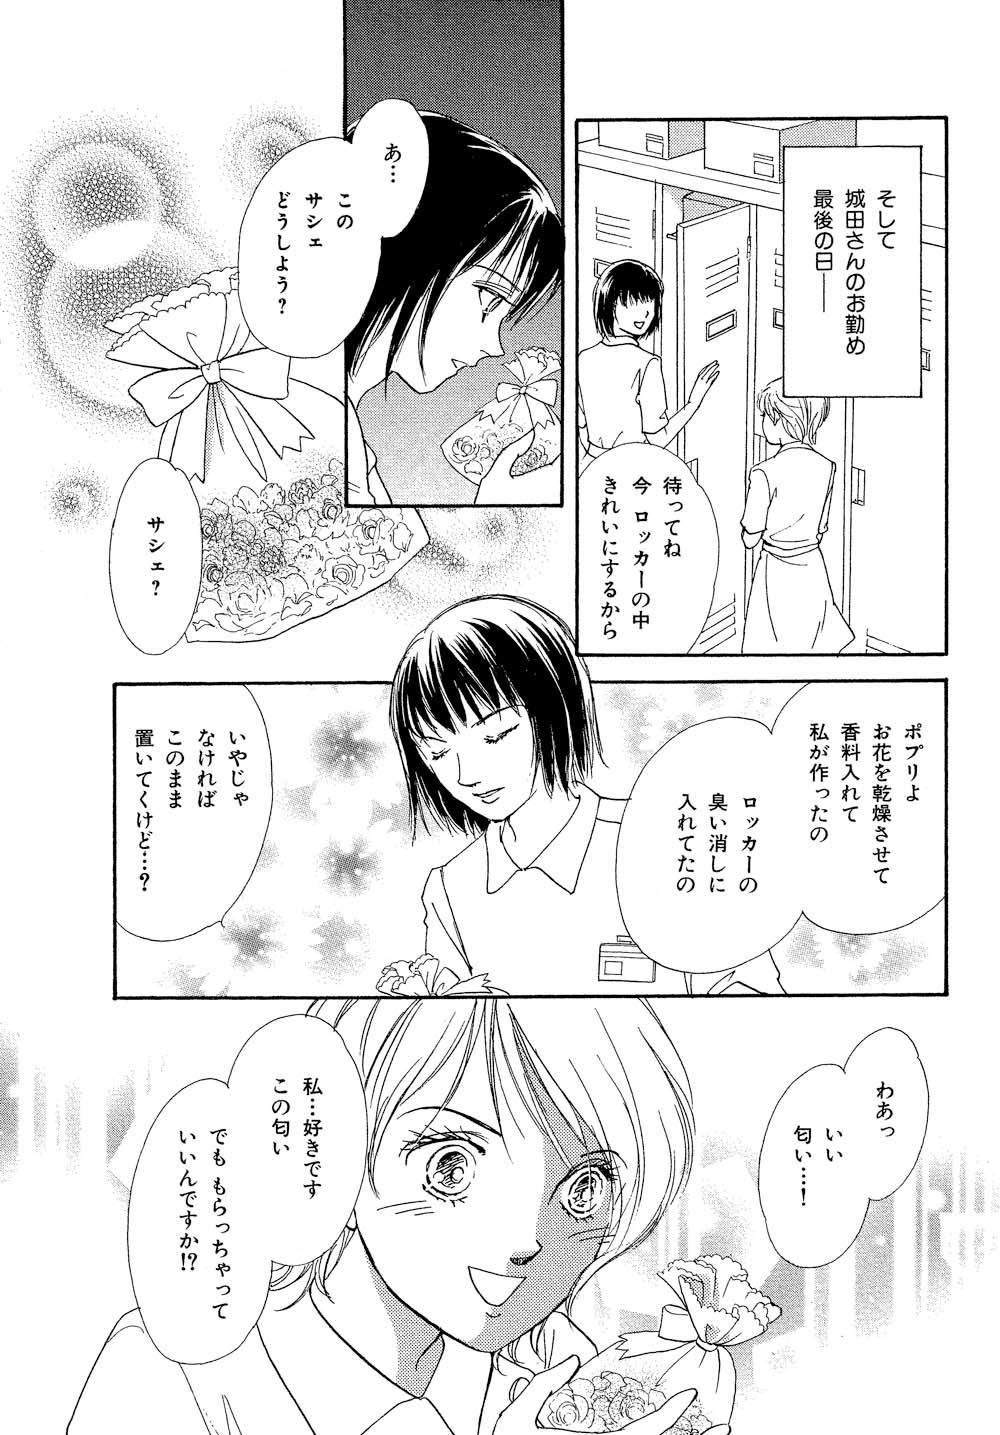 hakui_0001_0146.jpg